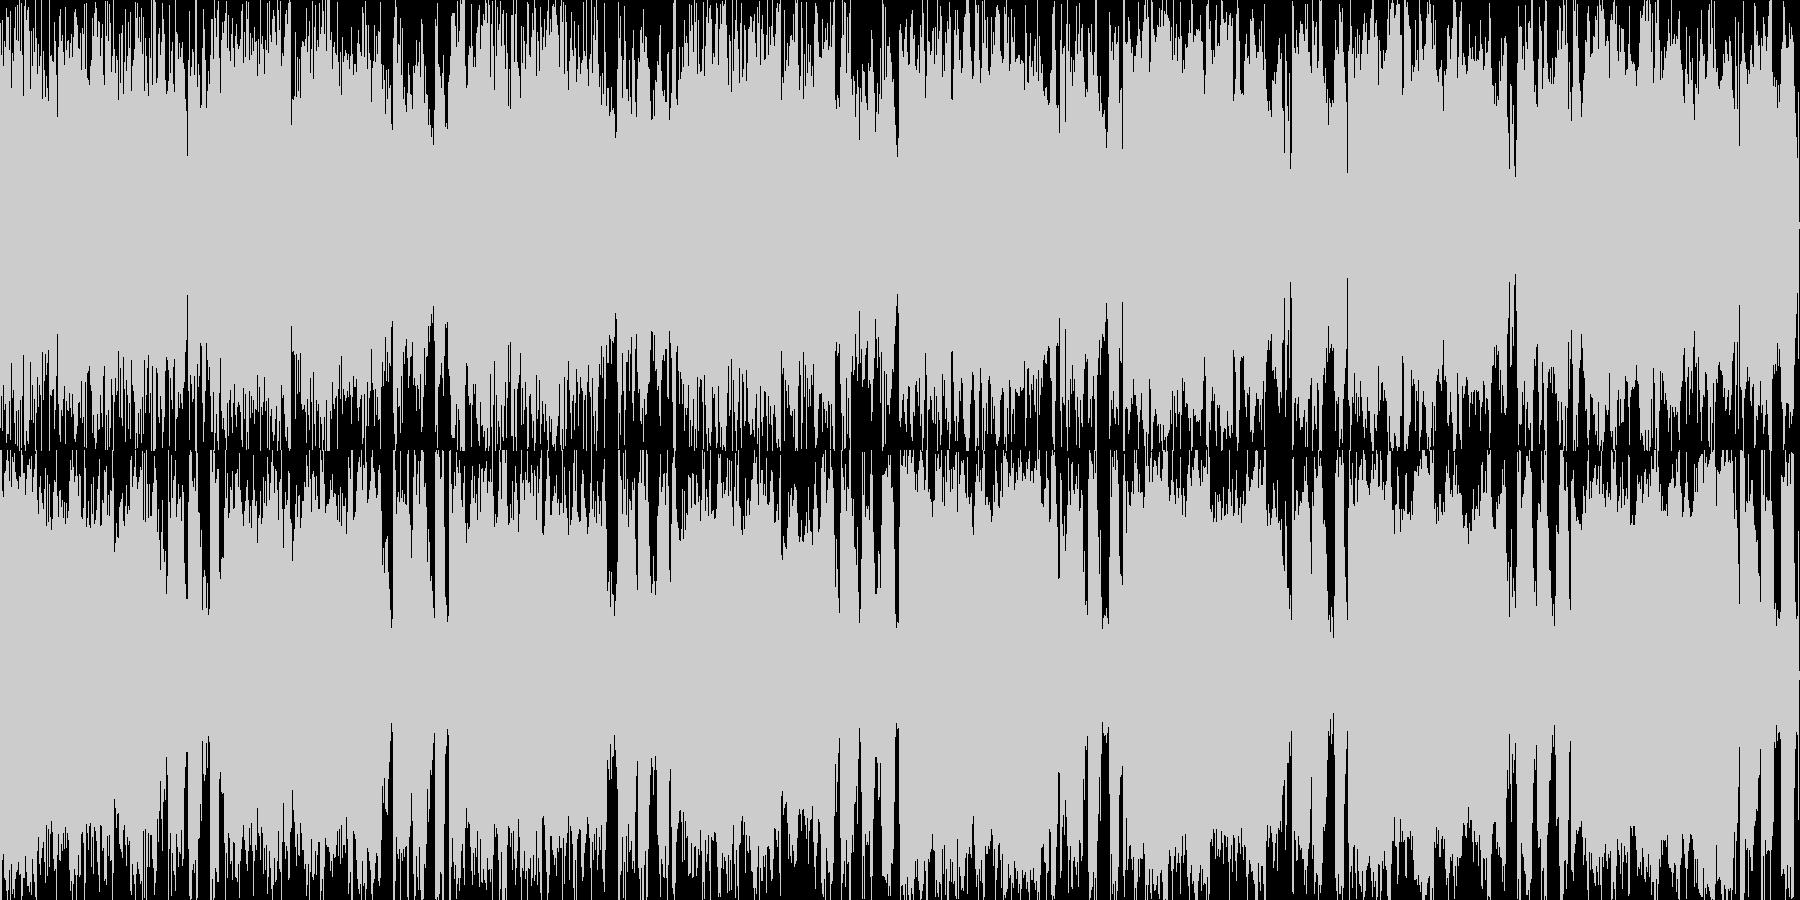 8bitピコピコ(つなぎ2)の未再生の波形